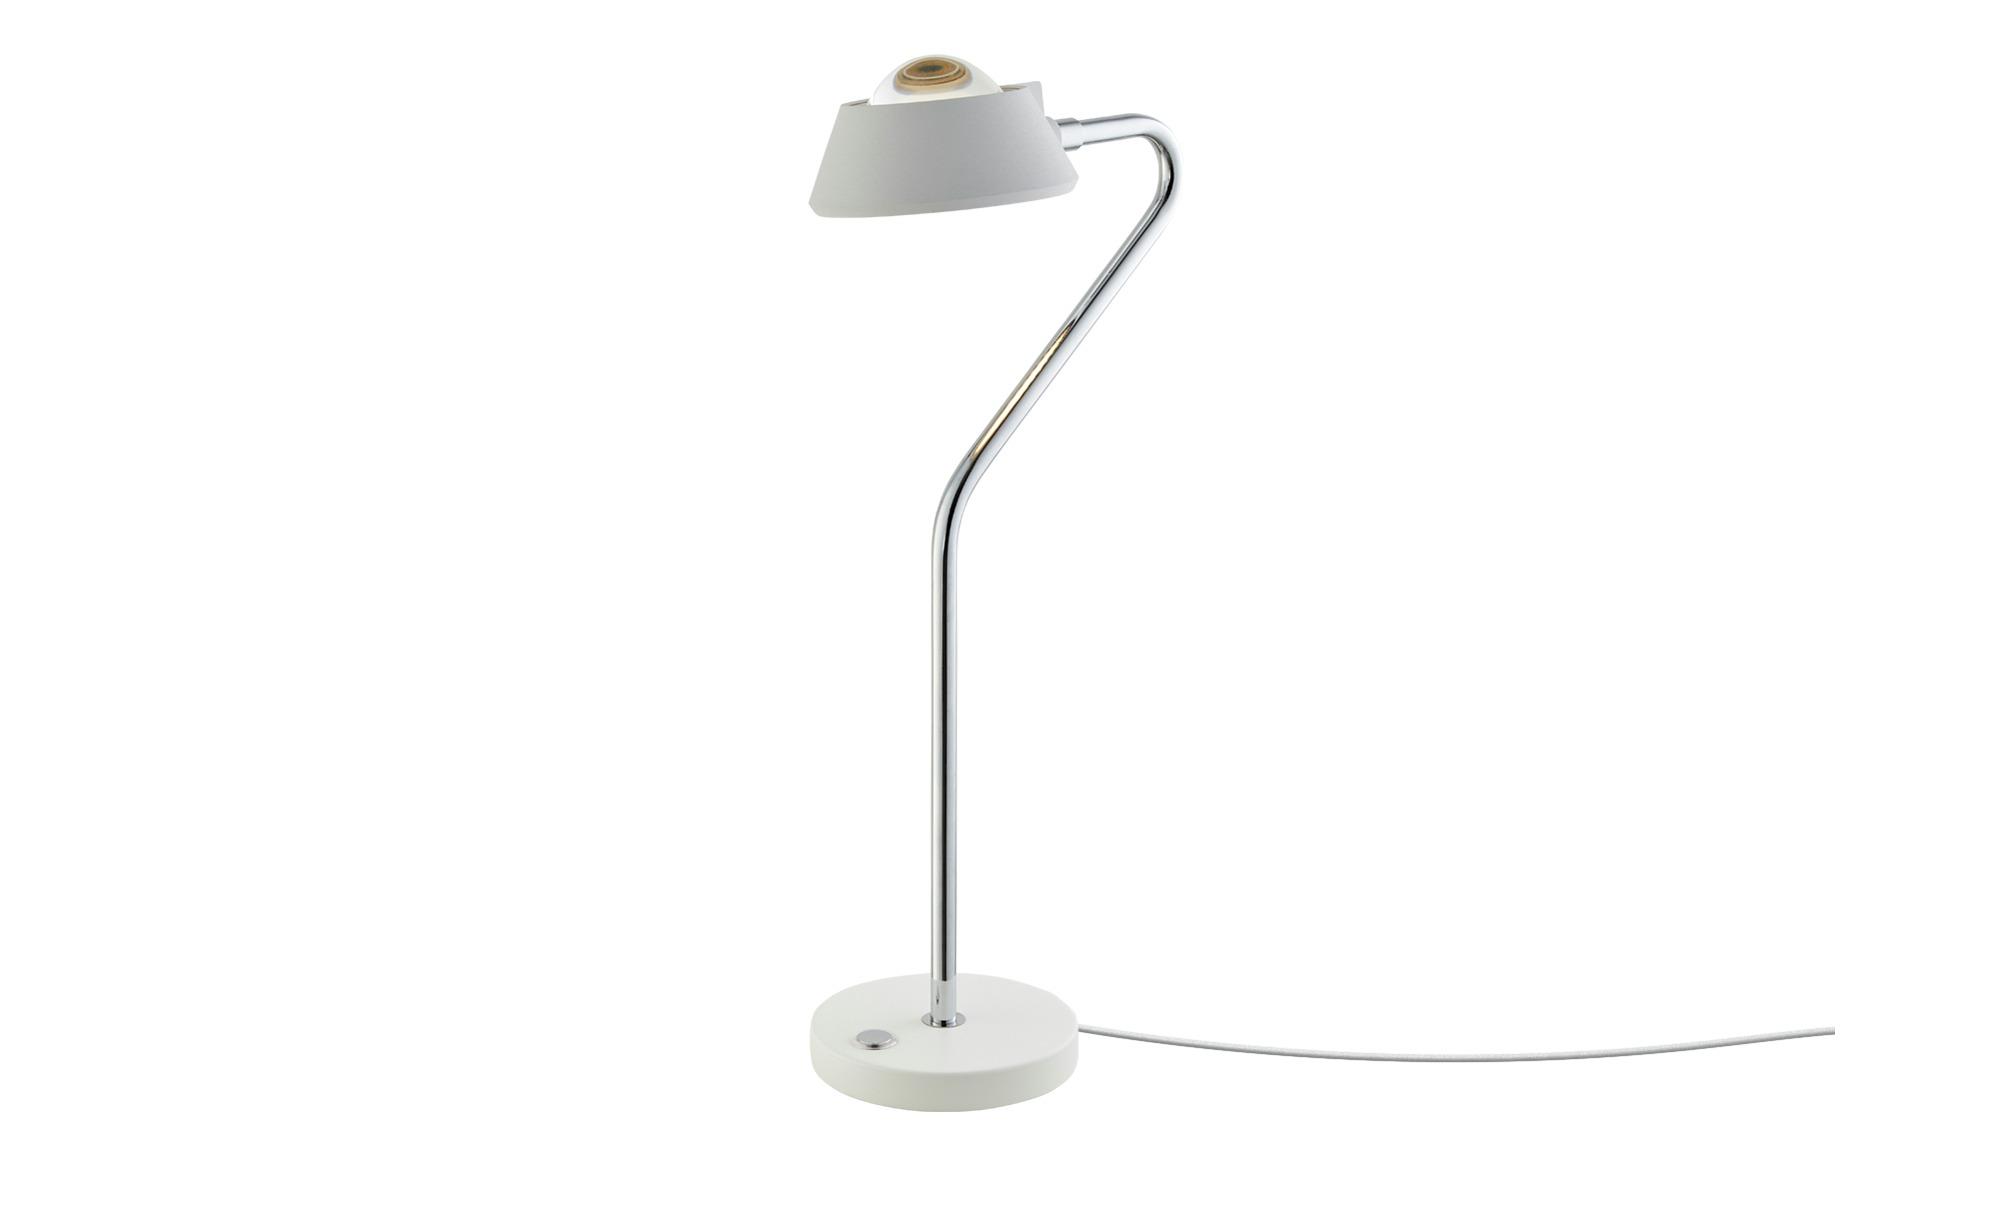 LED-Tischleuchte, Weiß ¦ weiß ¦ Maße (cm): H: 44 Ø: 12 Lampen & Leuchten > Innenleuchten > Tischlampen - Höffner